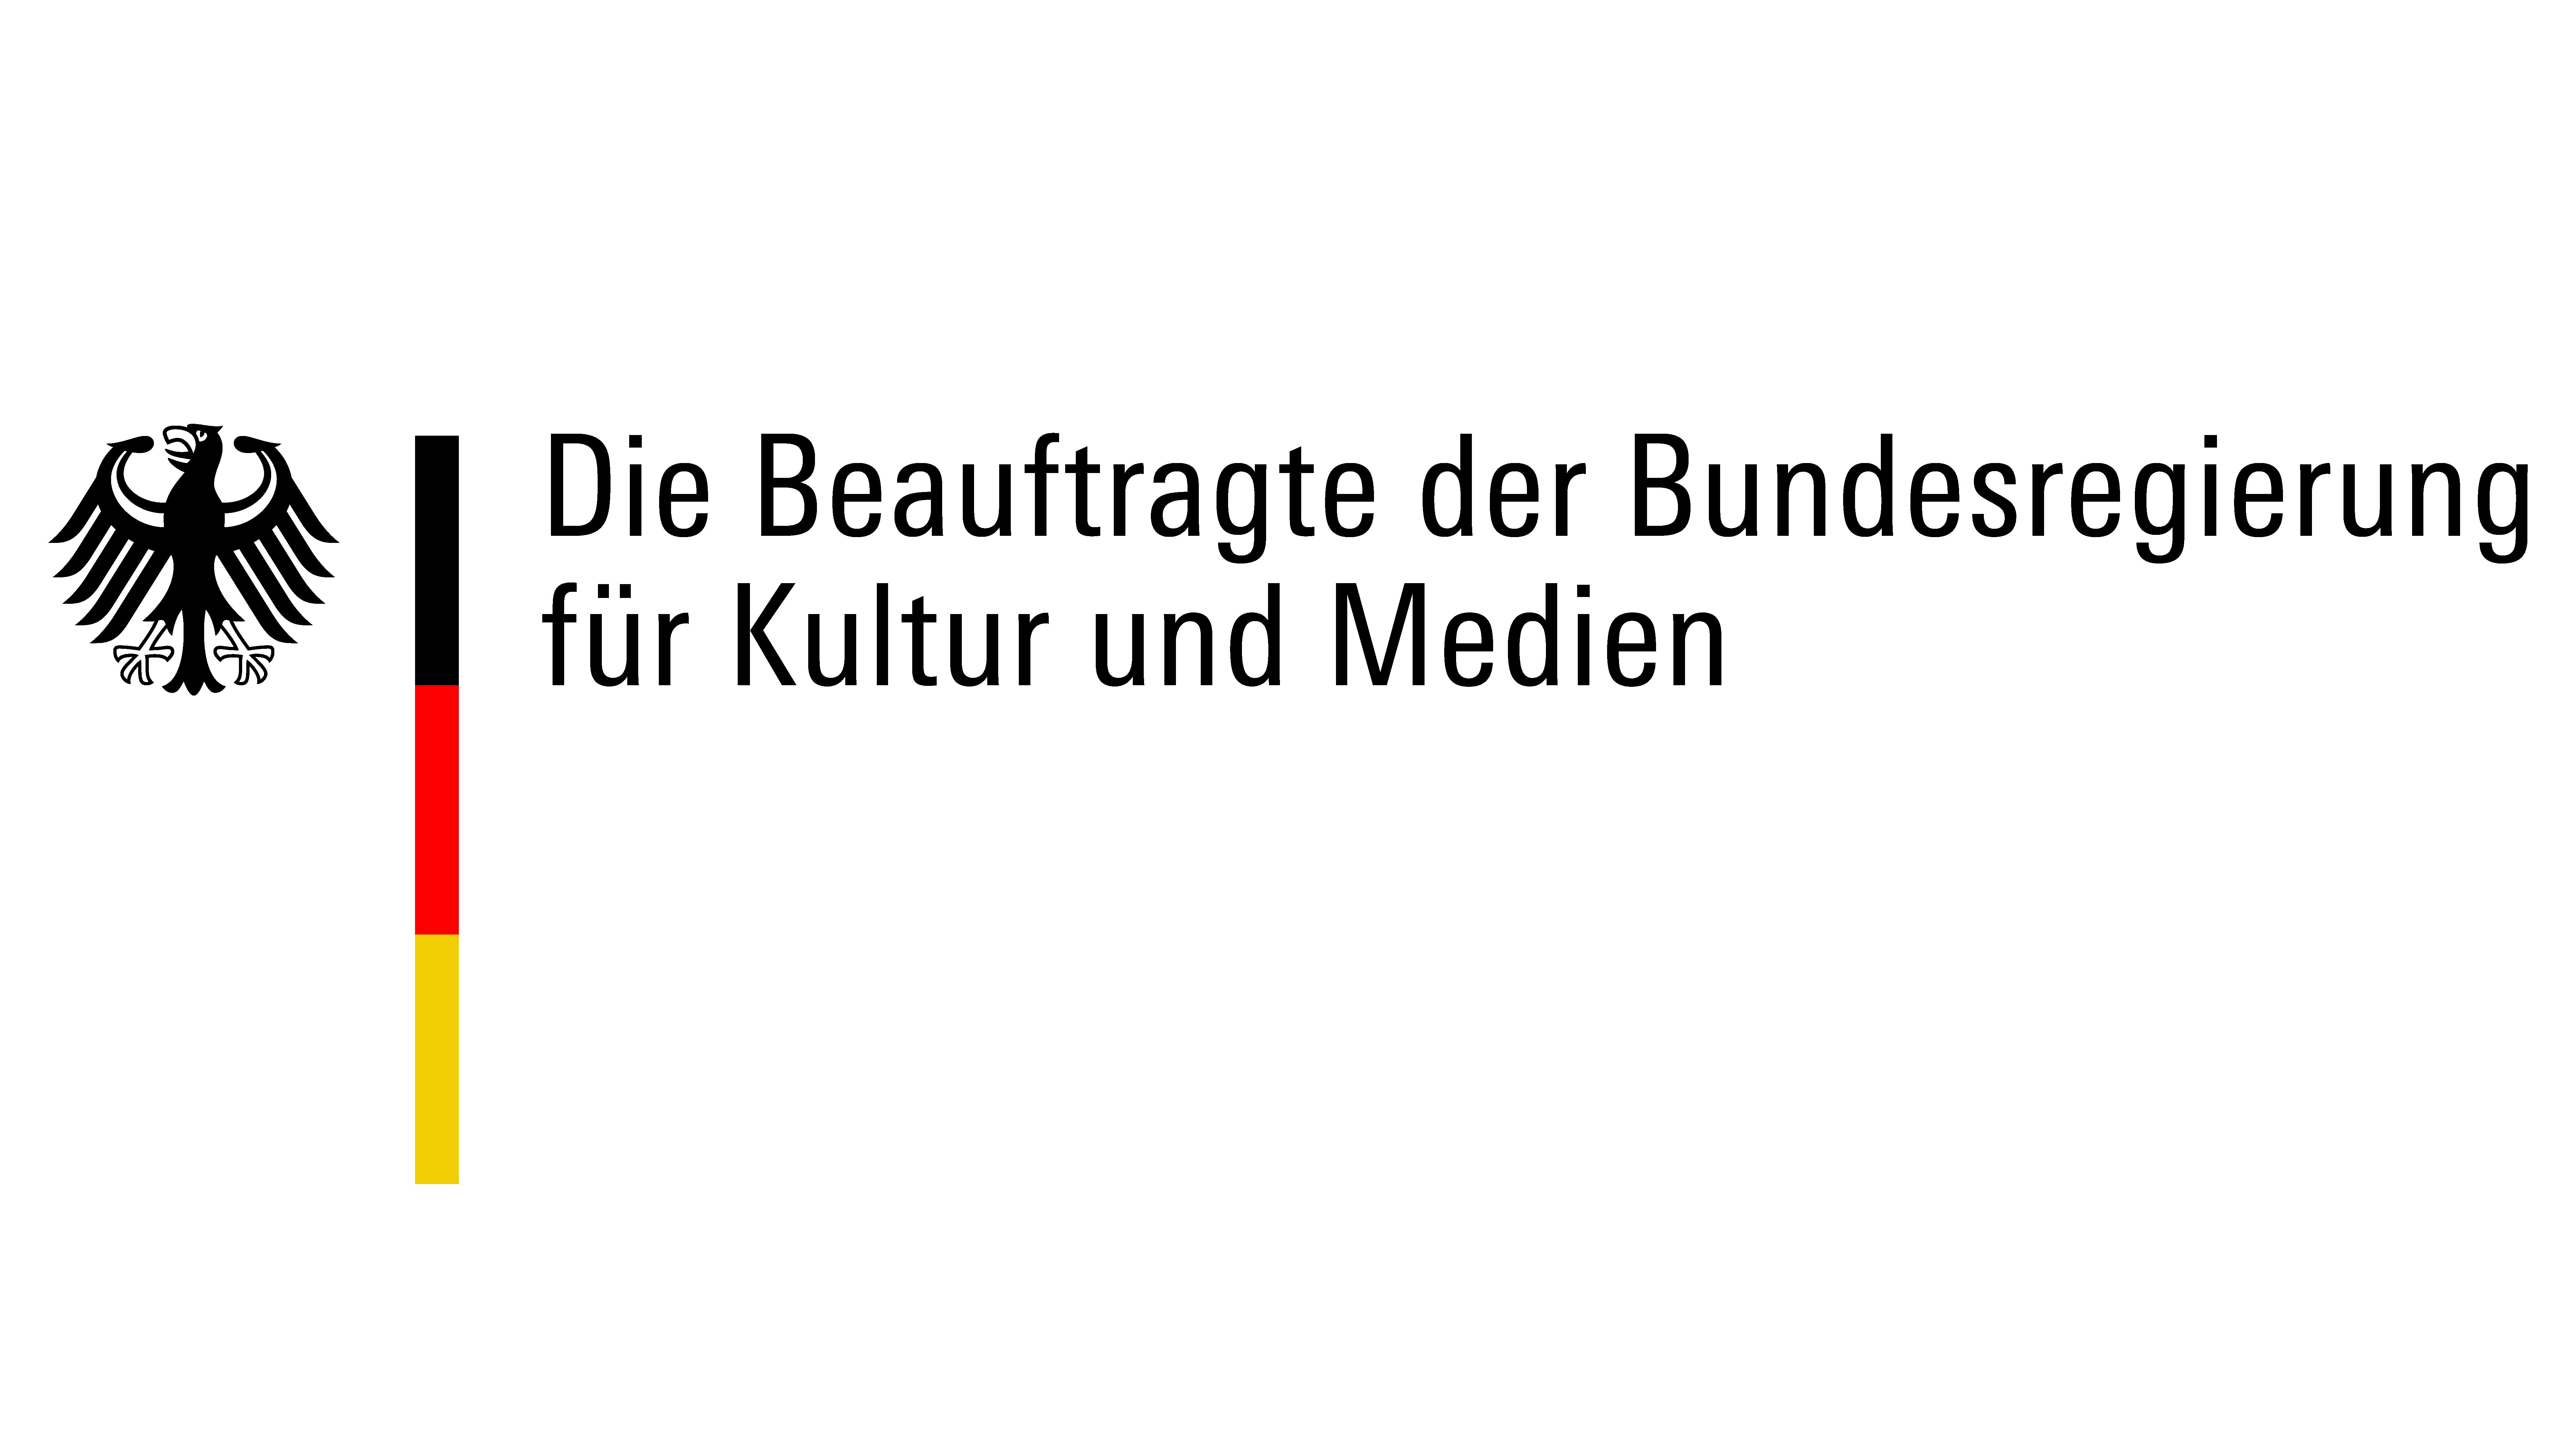 Beauftragte-der-Bundesregierung-für-Kultur-und-Medien-Logo